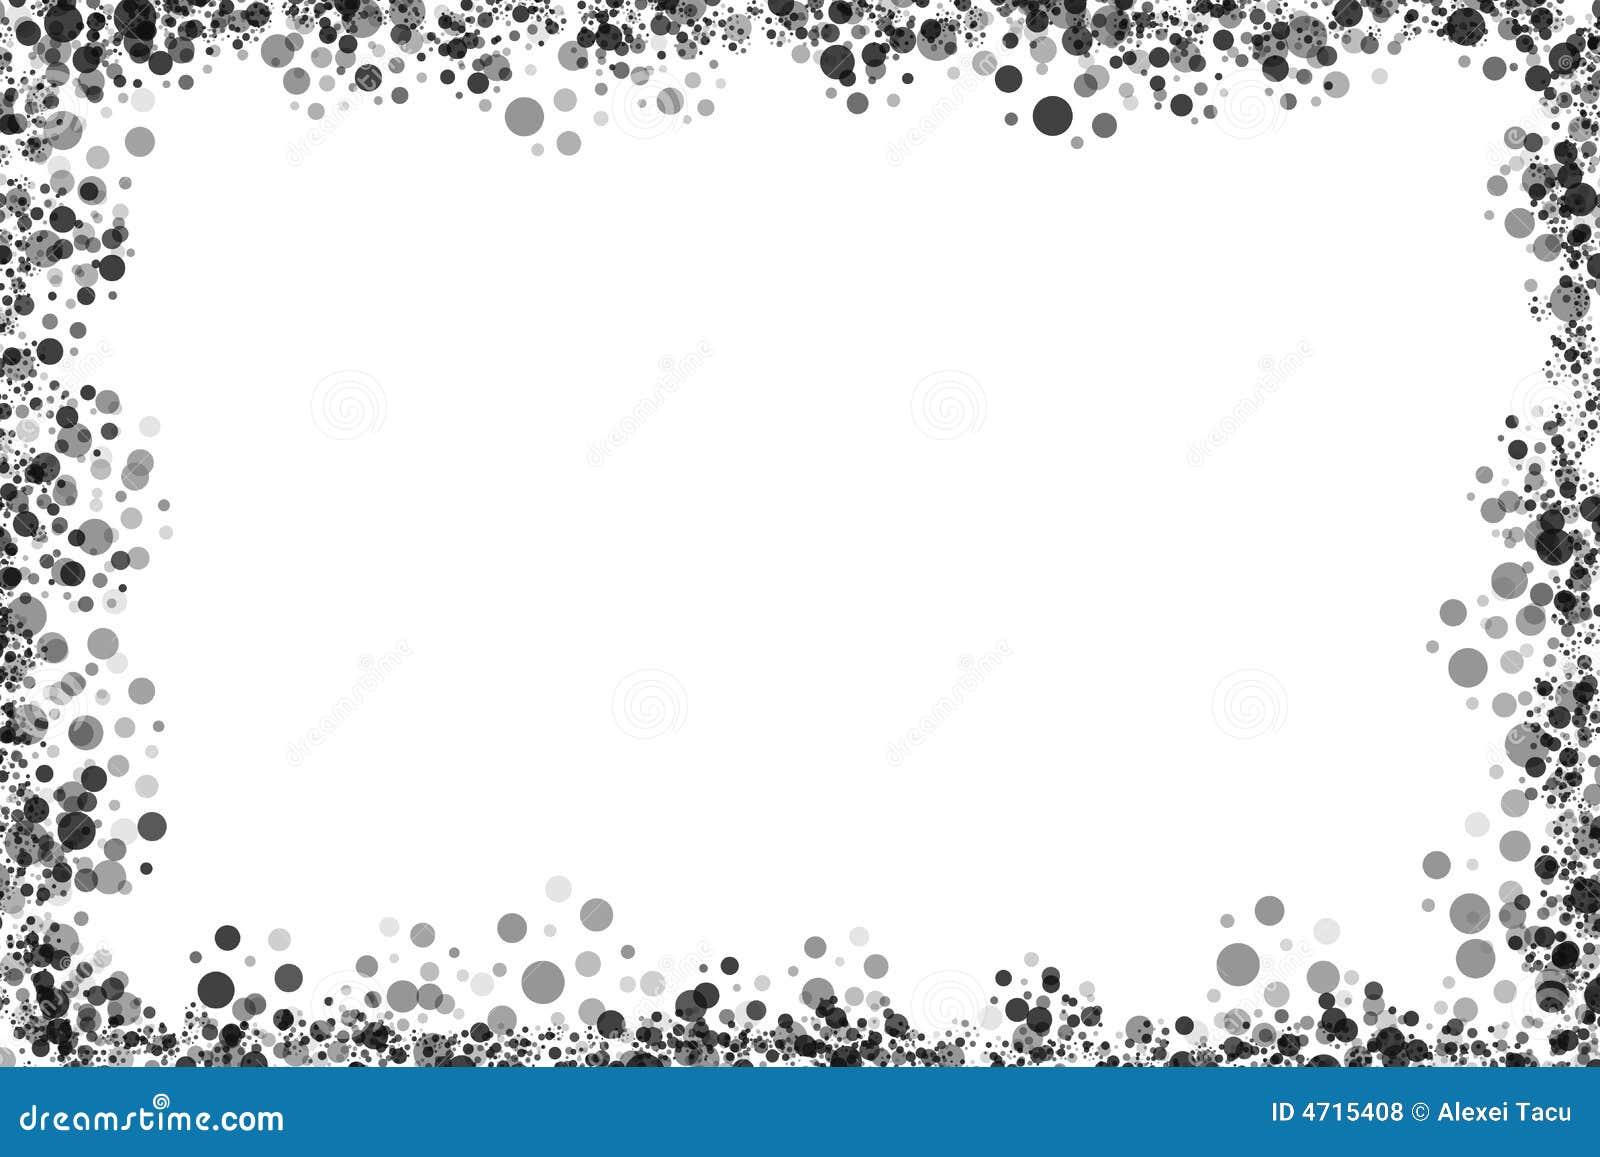 Dorable Imagen En Blanco Marco De 11x14 Elaboración - Ideas ...